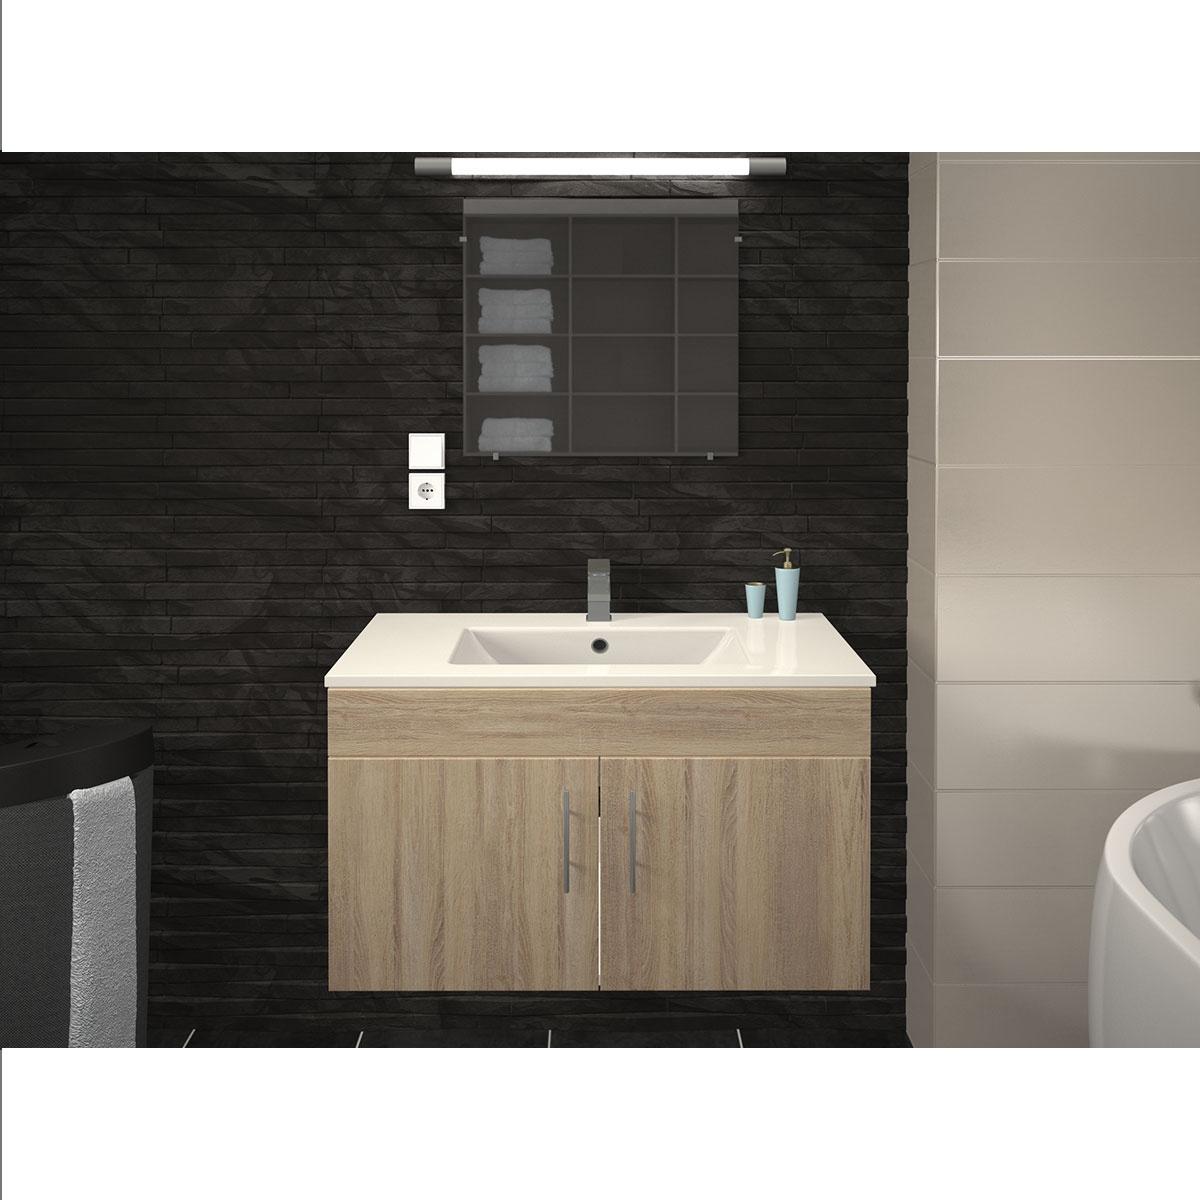 Vasque et meuble de salle de bain en 80 cm  (CHÊNE)